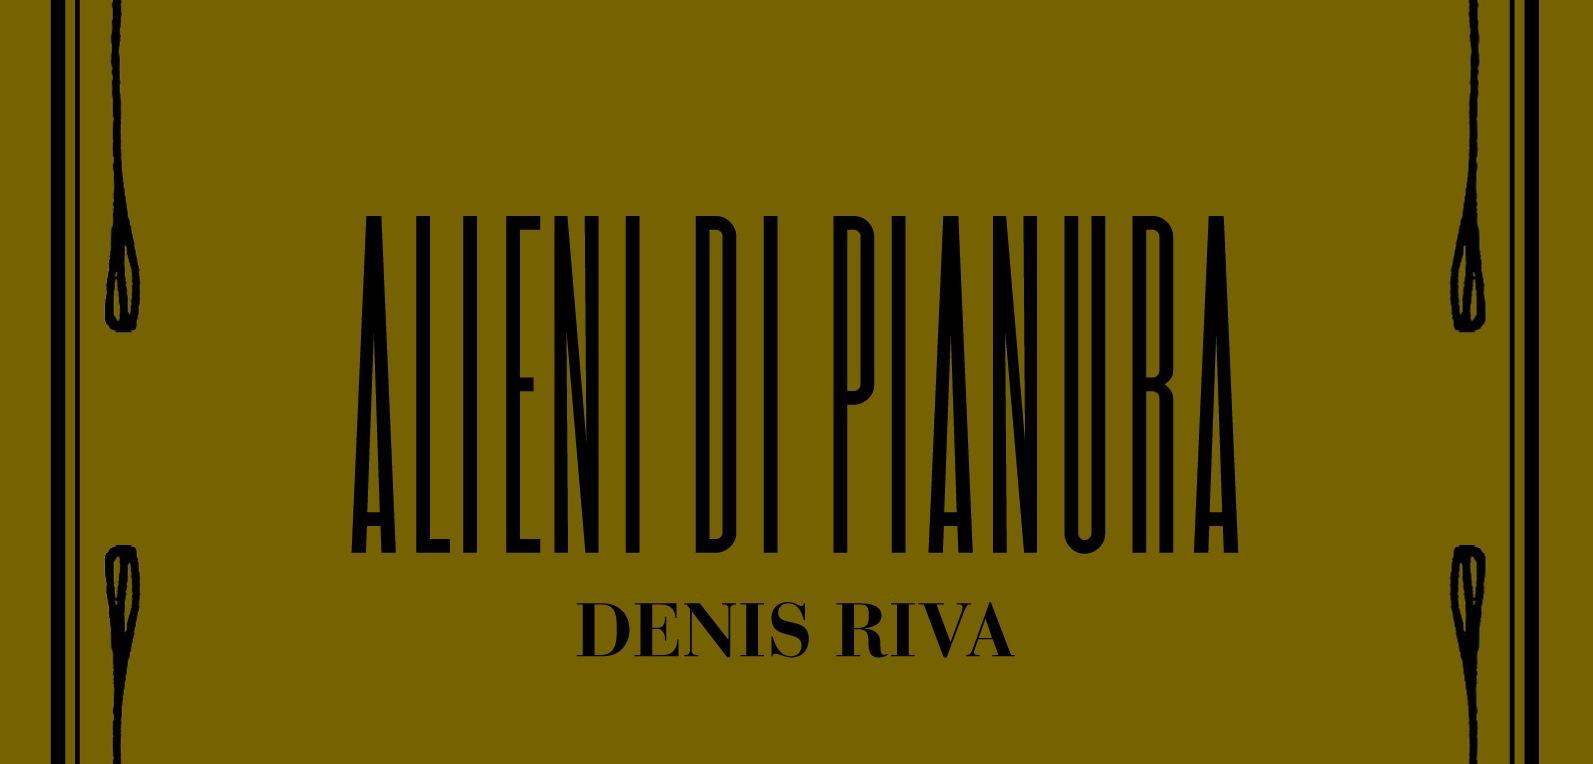 Denis Riva, Alieni di pianura, Logos edizioni, 2011